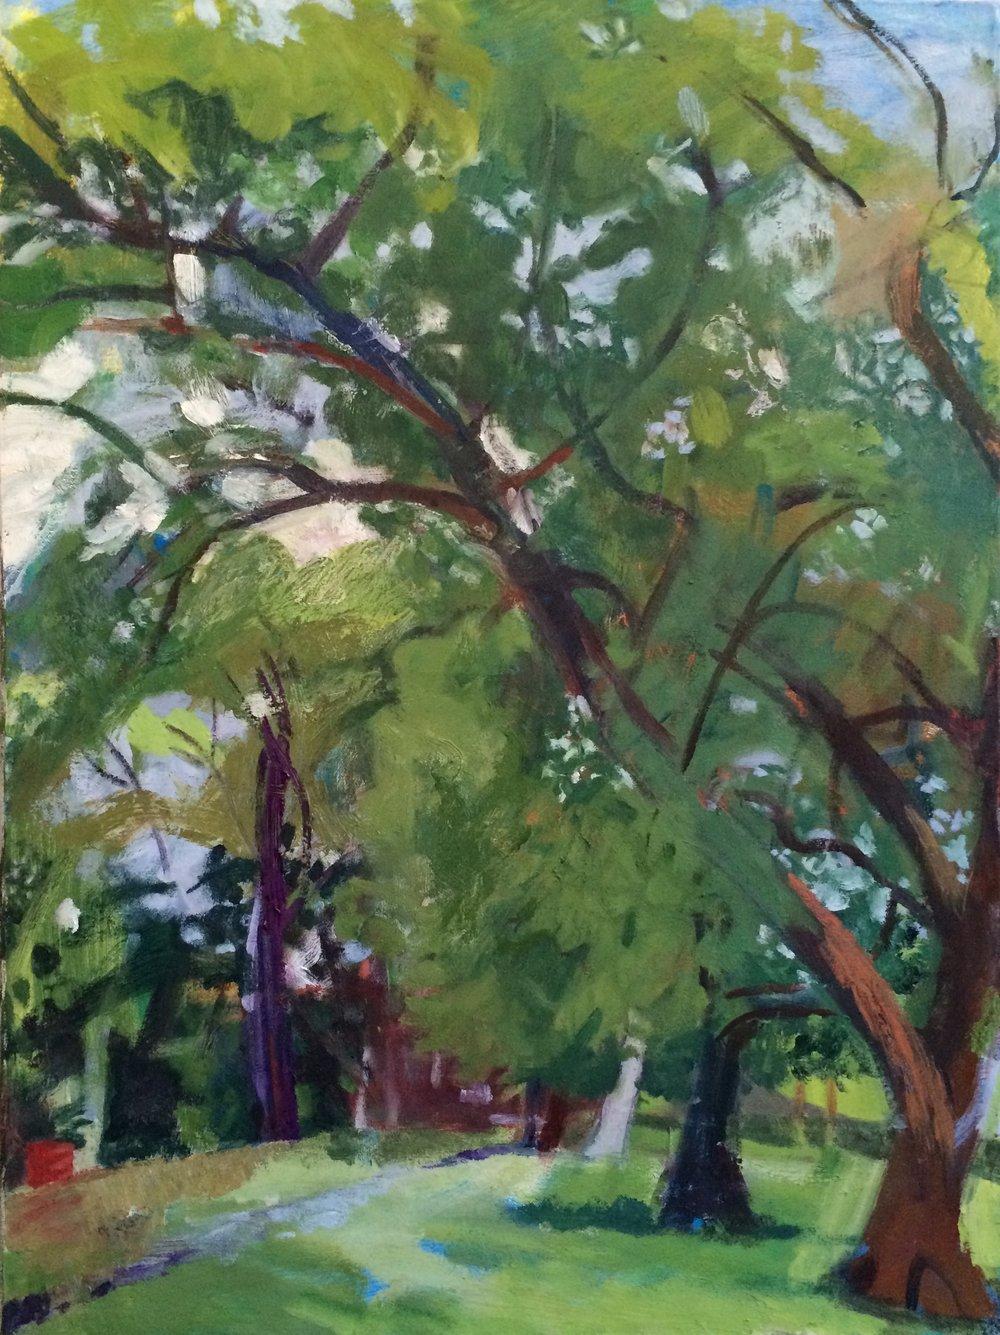 Leaning Tree, Humboldt Park, 2013